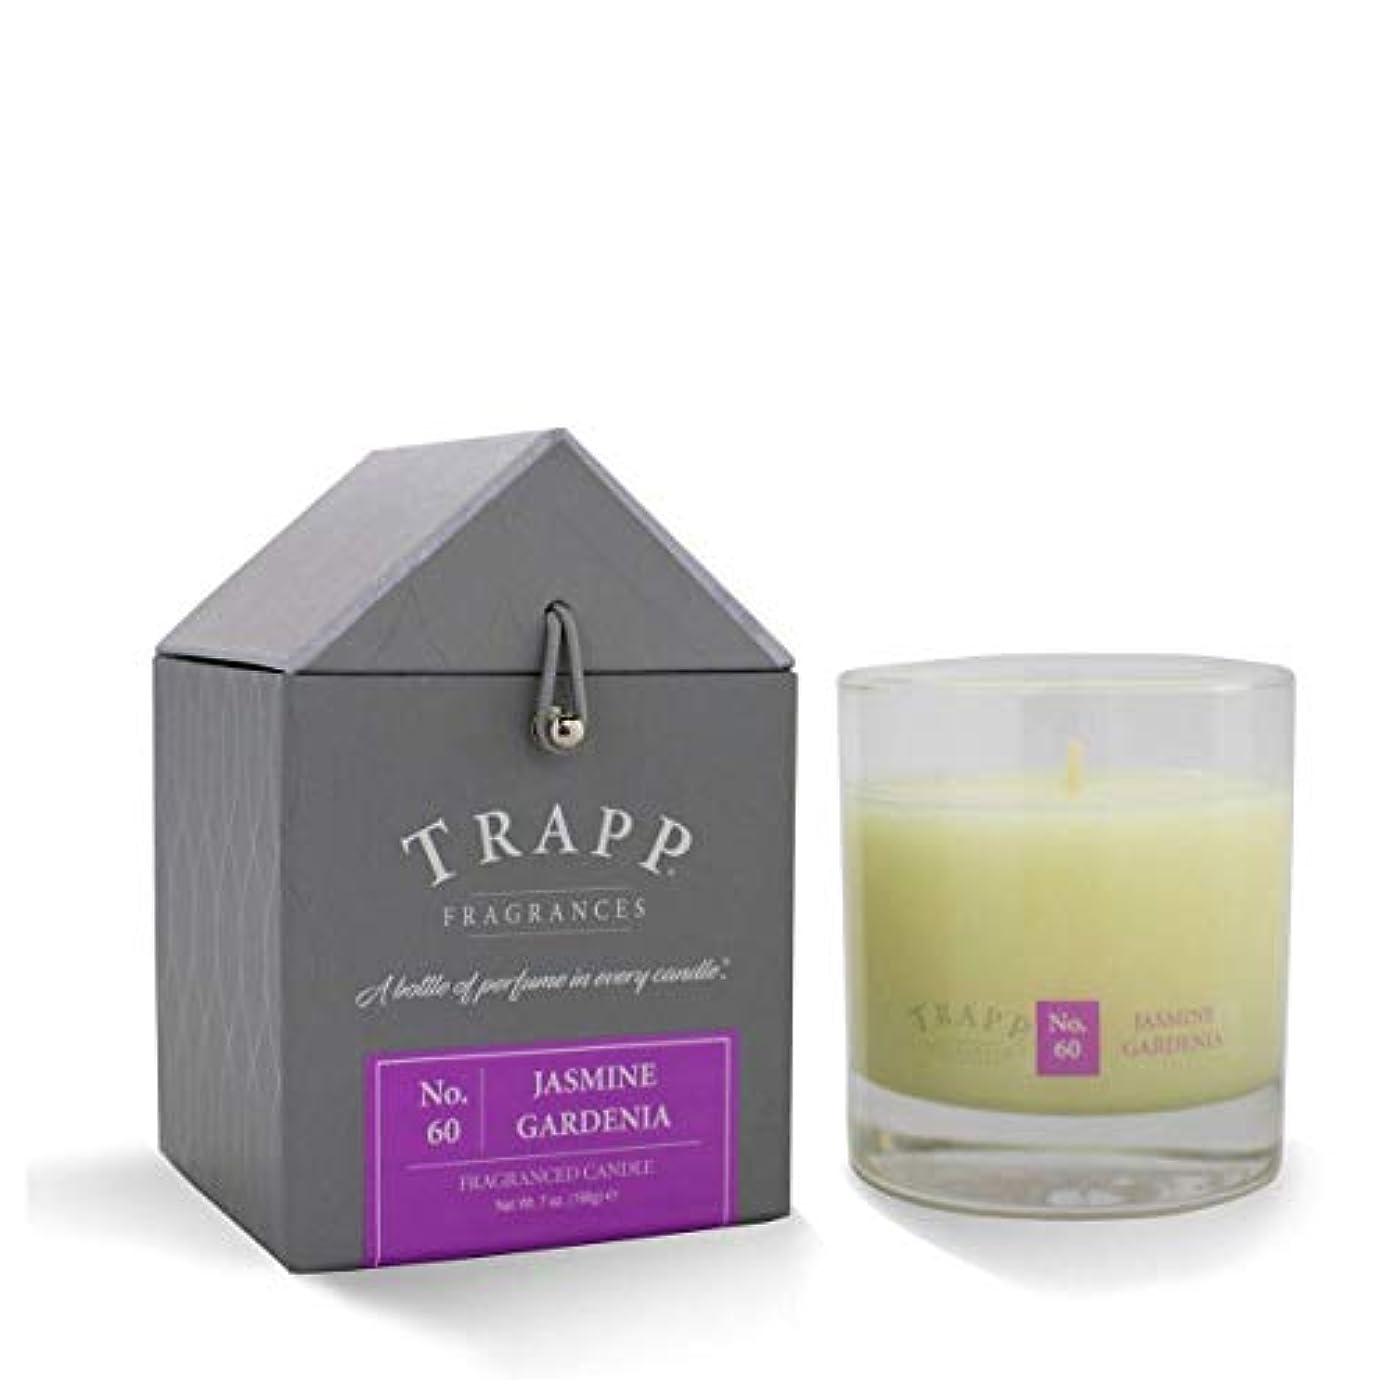 マッサージお後(Jasmine Gardenia) - Trapp Large Poured Candle 60 Jasmine Gardenia (210ml)